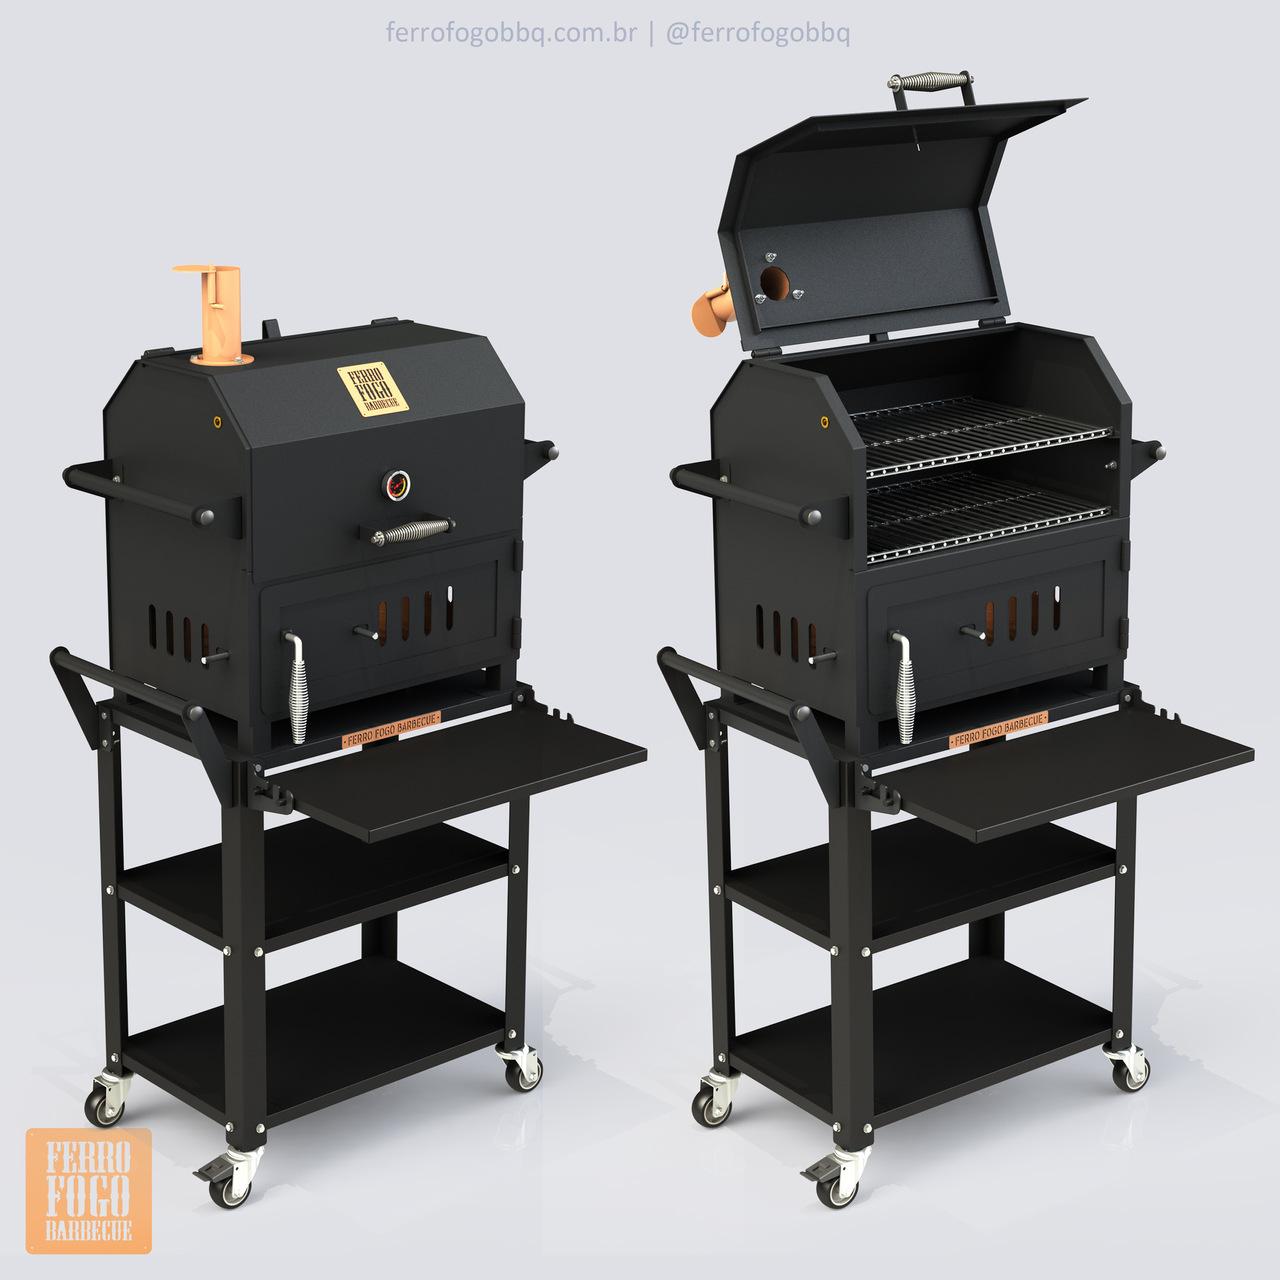 Defumador Pit Grill 460